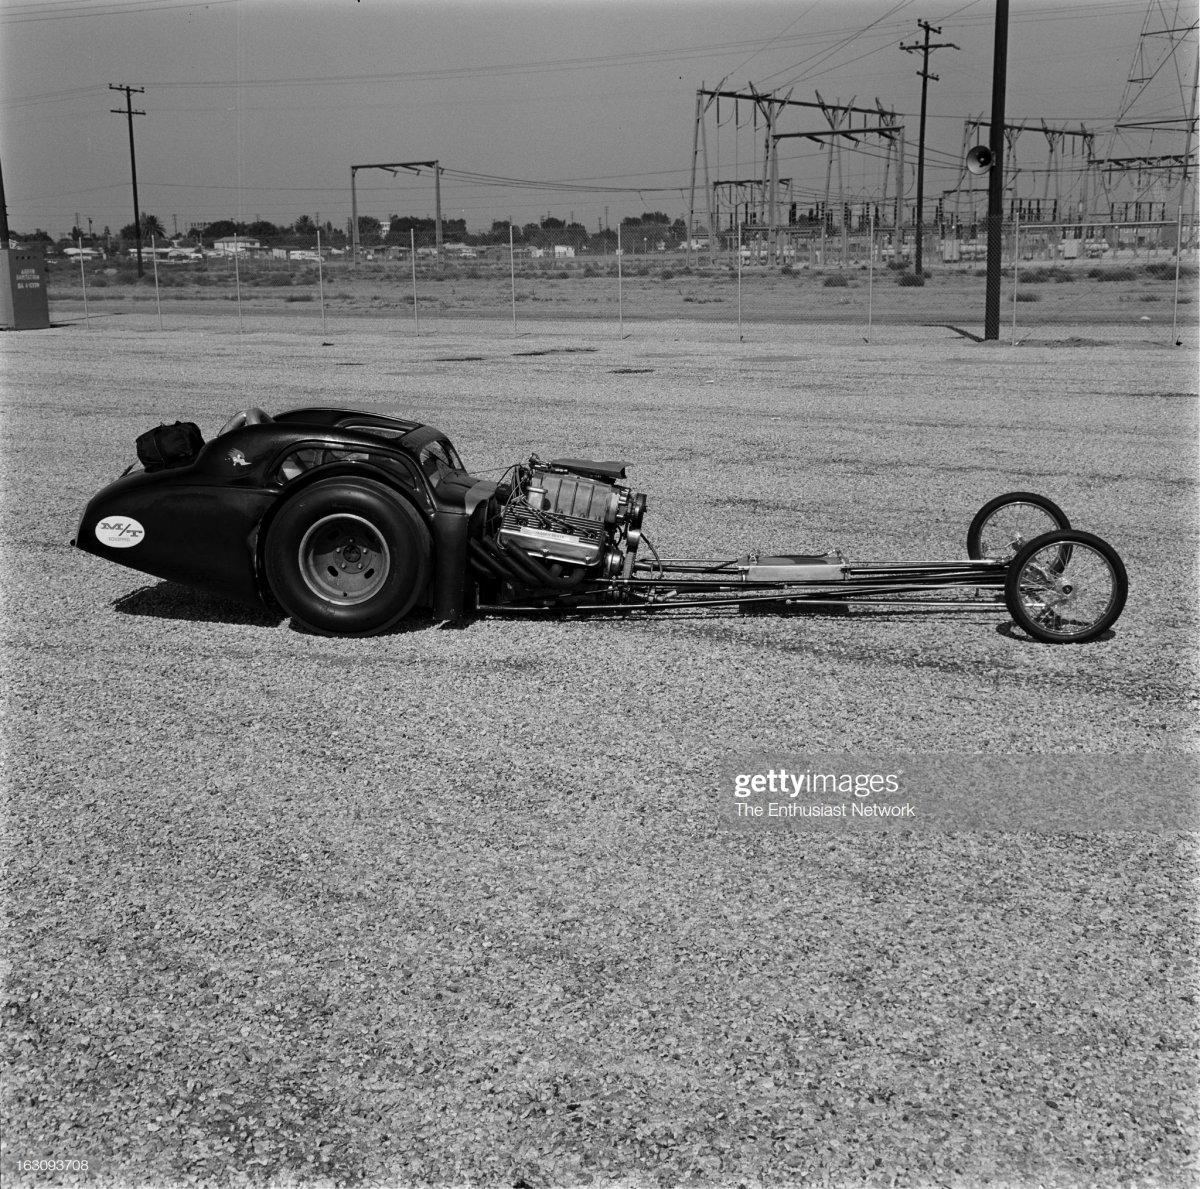 1comp 1965 AHRA Drag Race.jpg